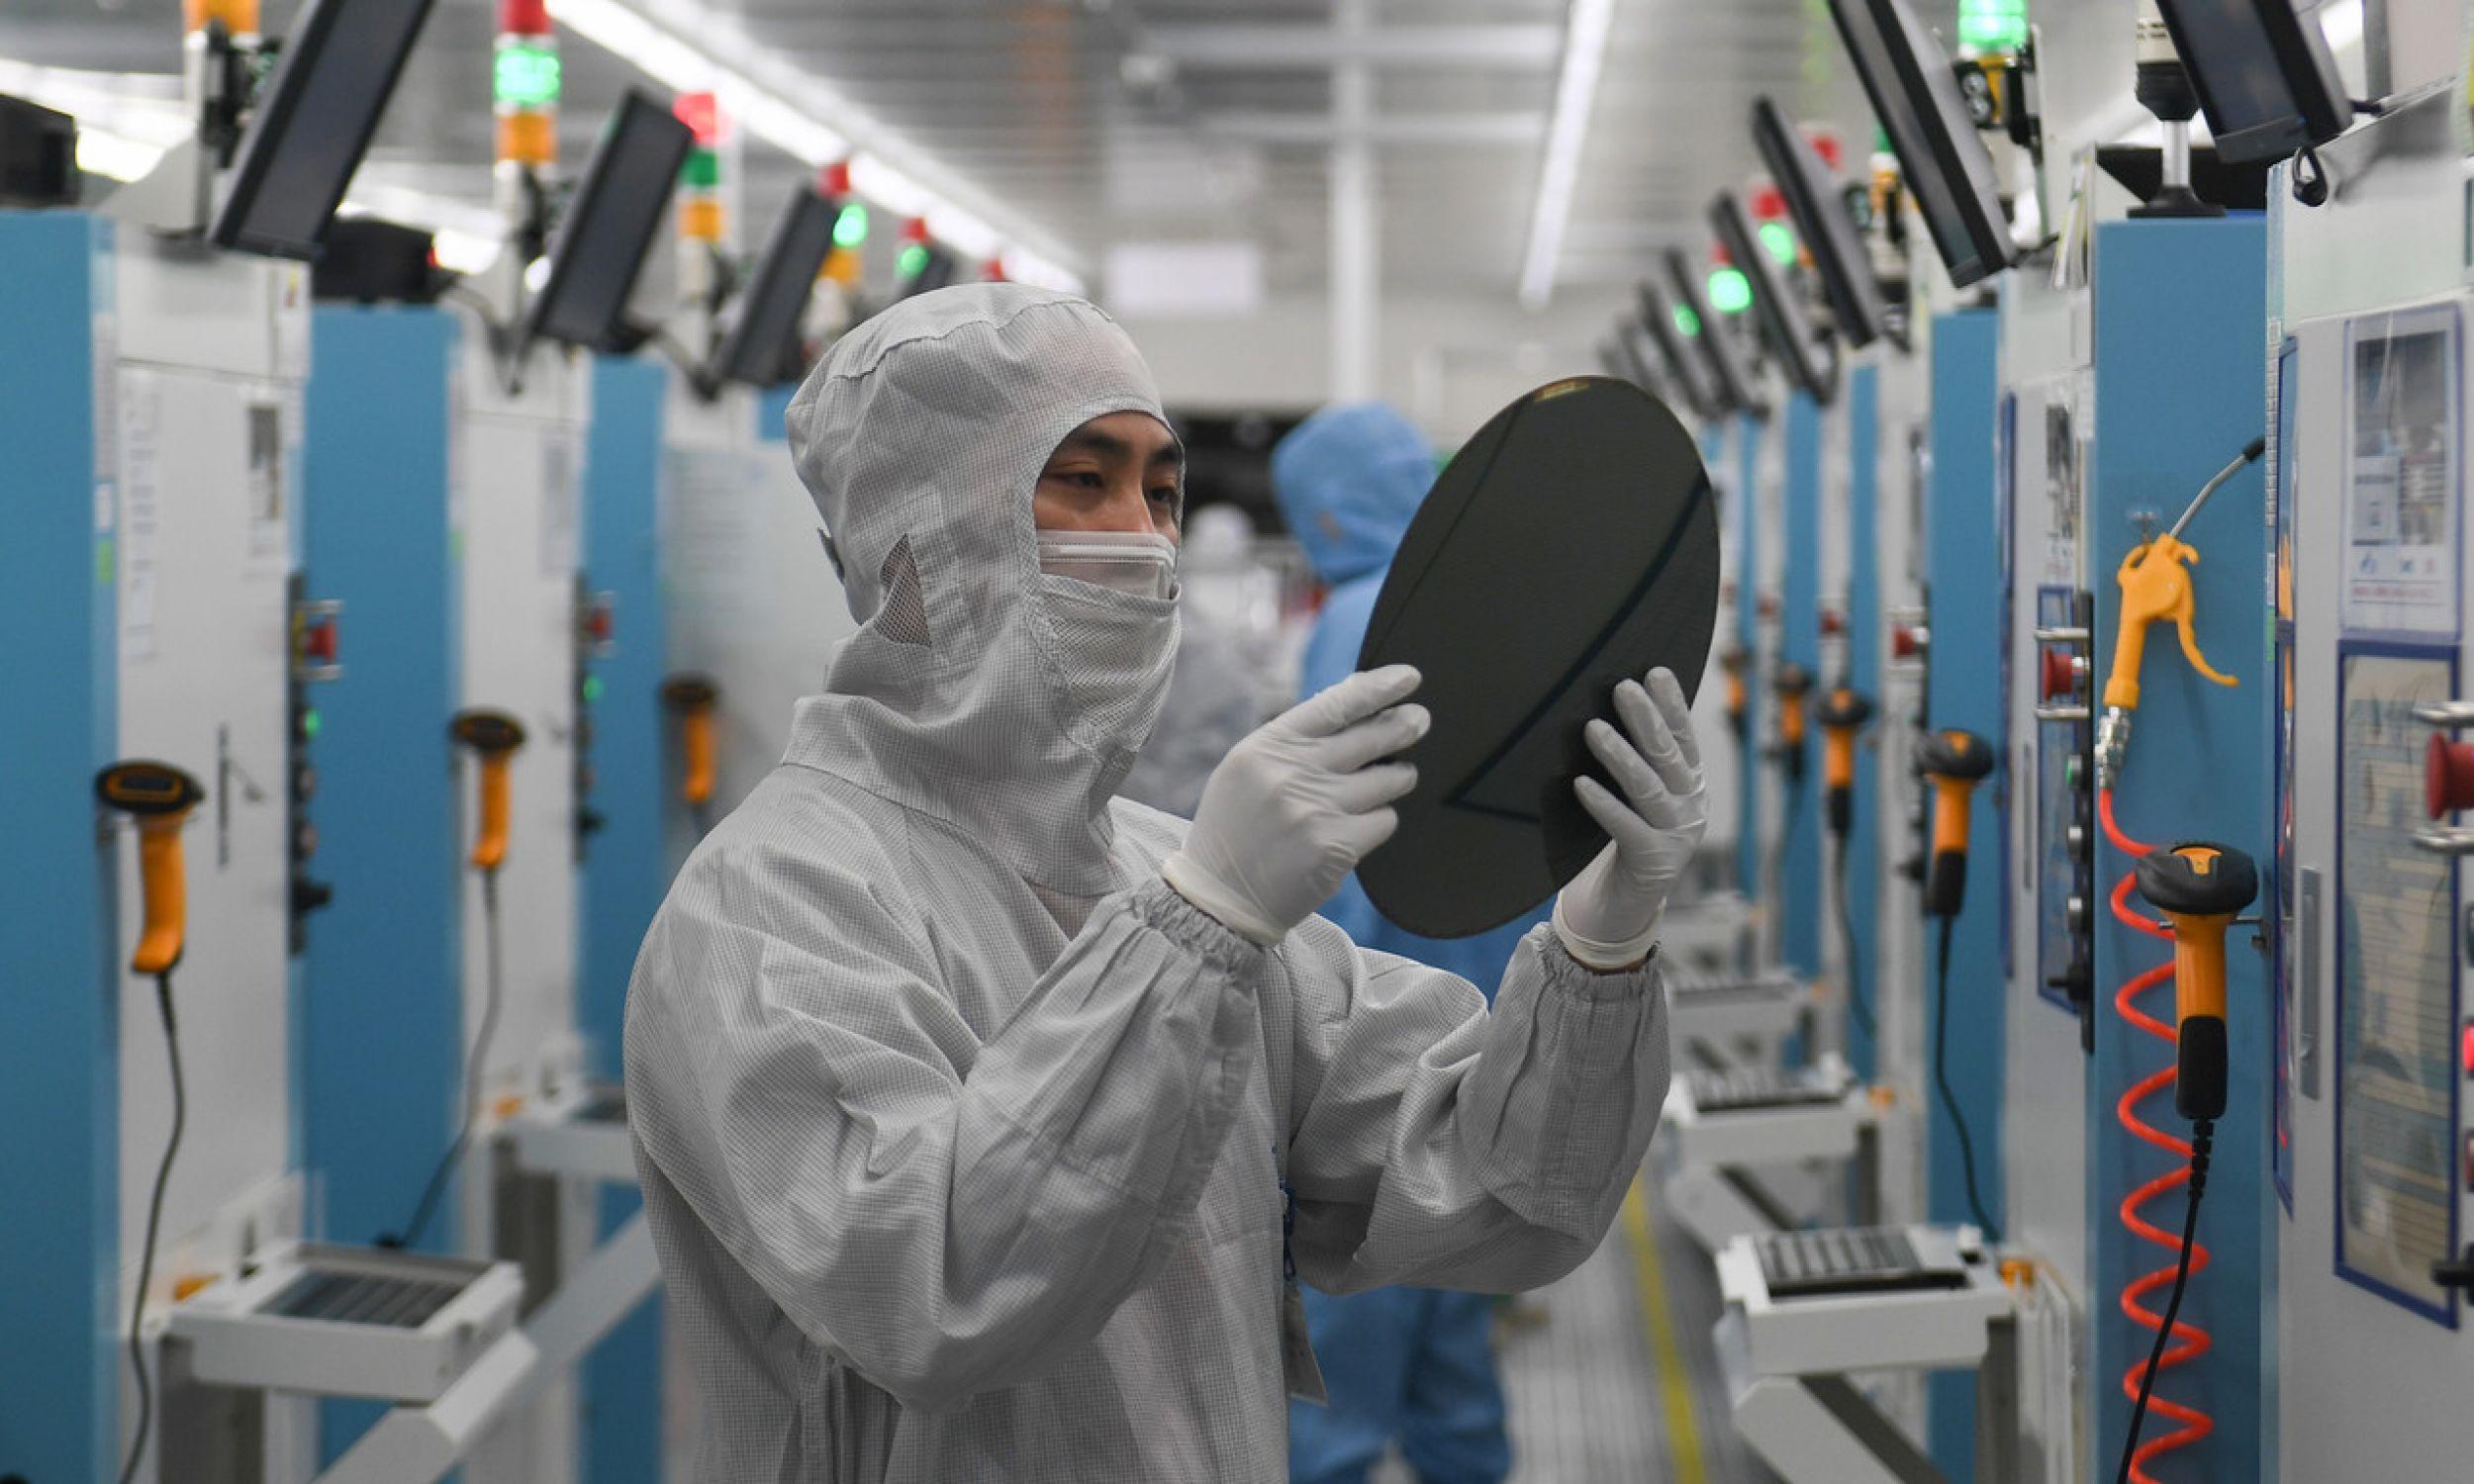 Rynek urządzeń do produkcji procesorów zmonopolizowany jest przez Amerykanów. Chińscy komuniści zmierzają więc do technologicznej niezależności. Na zdjęciu linia produkcyjna płytki krzemowej w fabryce półprzewodników GalaxyCore Inc. w Jiaxing, powiat Jiashan w chińskiej prowincji Zhejiang. Fot. Wang Gang / China News Service via Getty Images